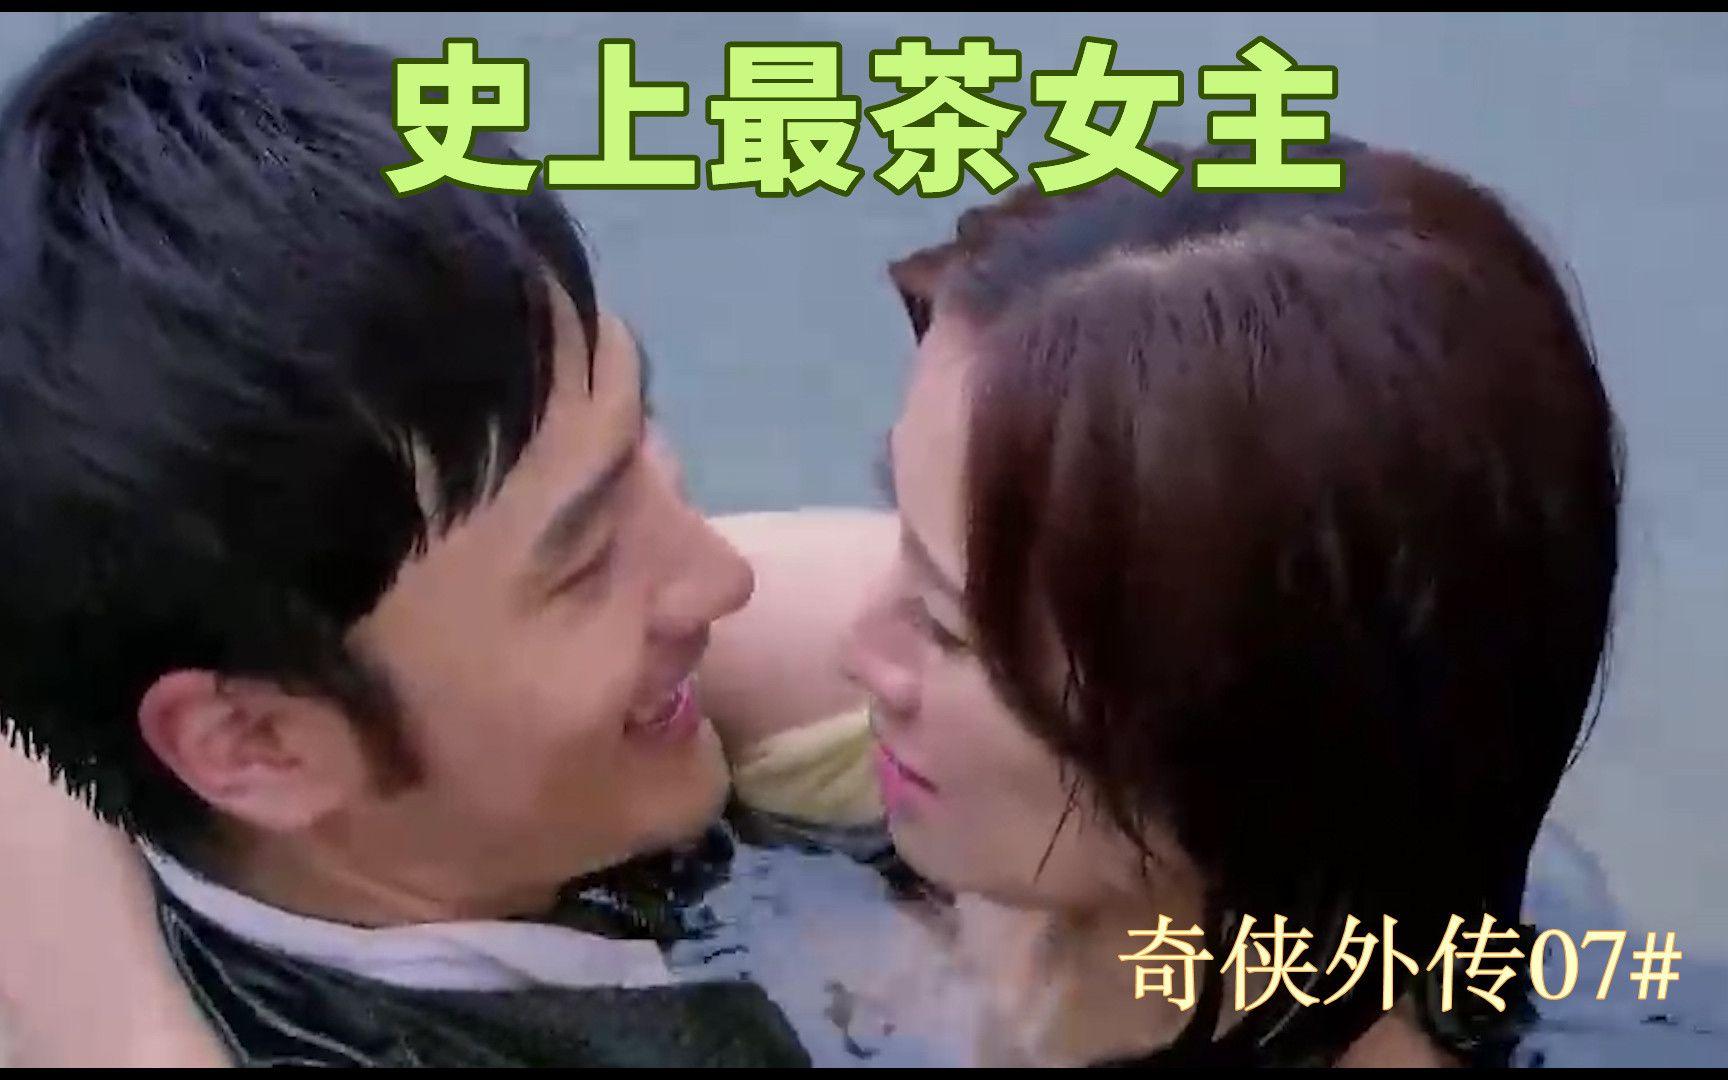 史上最茶女主:奇侠外传07